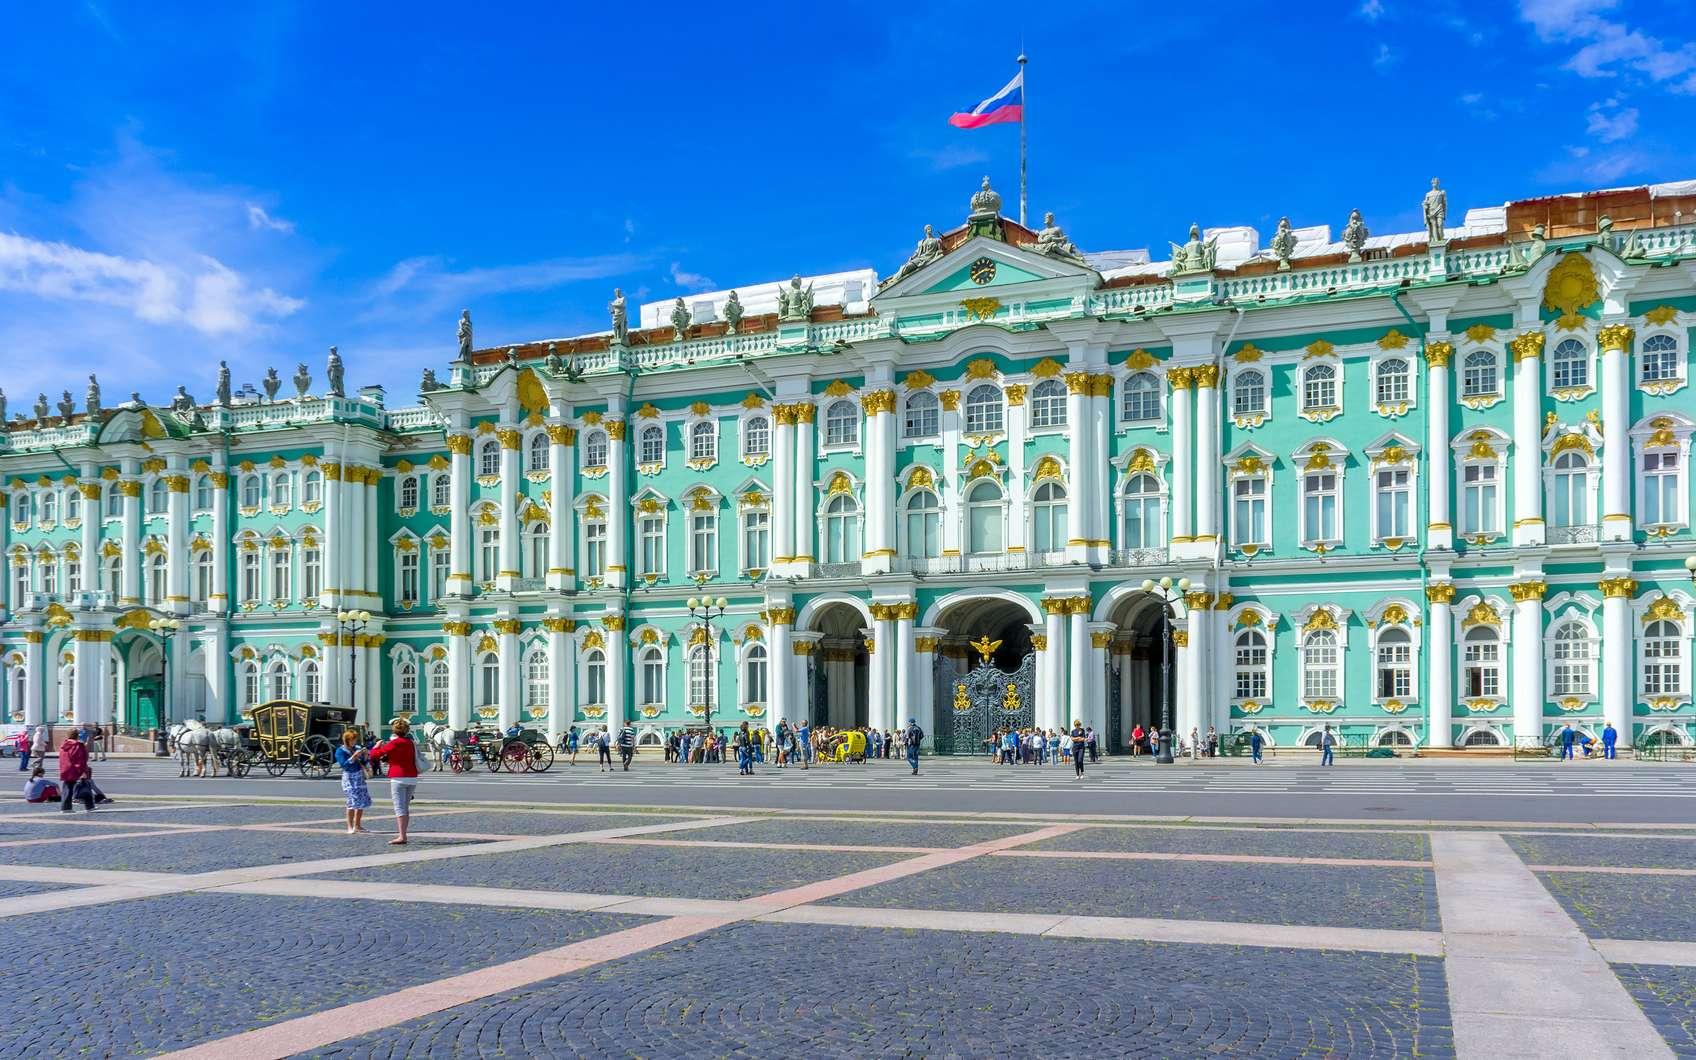 Le palais d'hiver, qui compose l'Ermitage, était autrefois la résidence des empereurs russes. © den781, fotolia